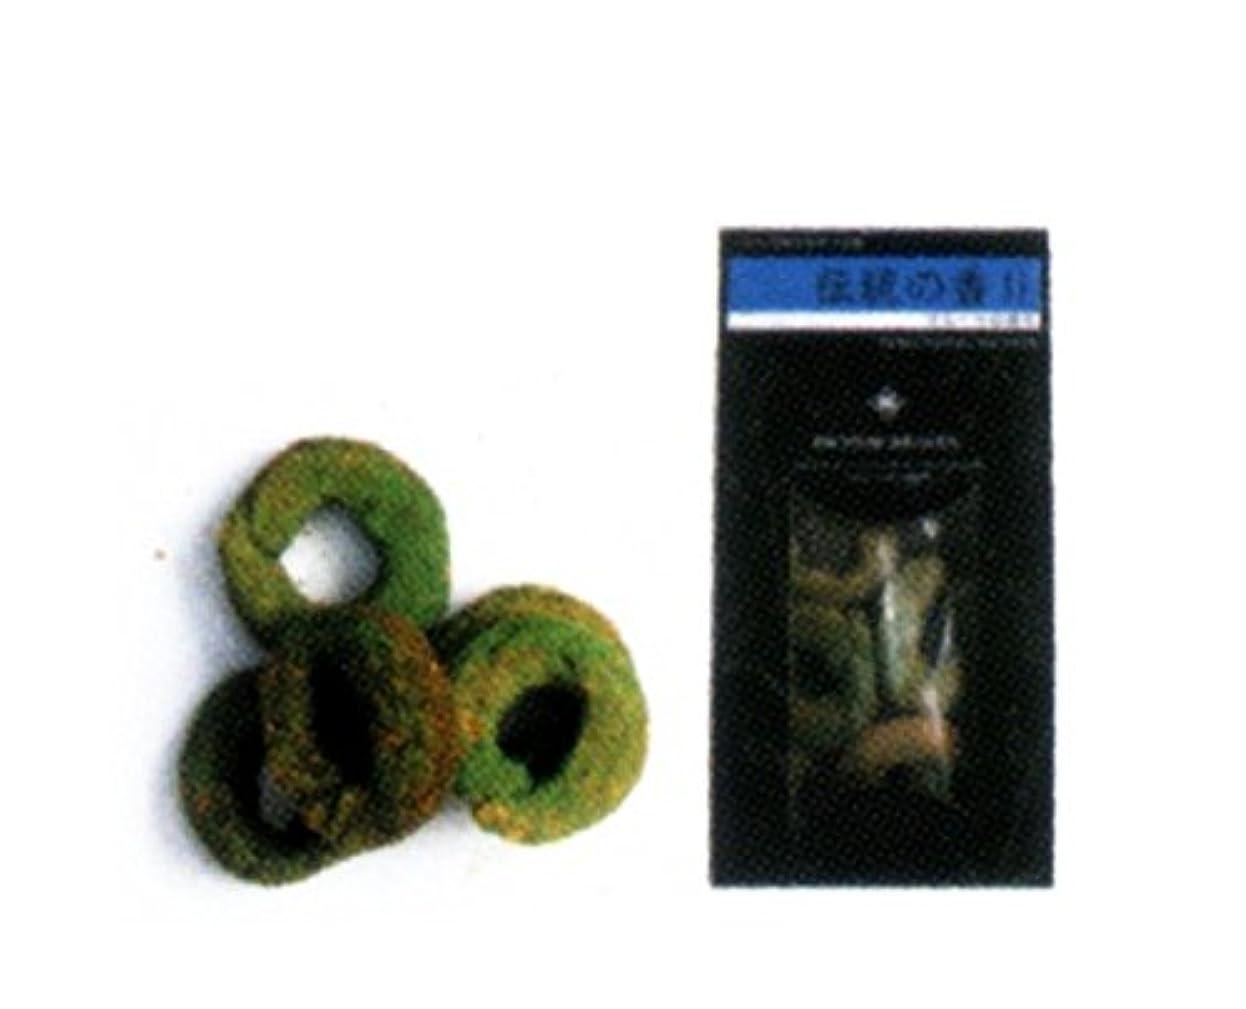 シャックルオーバーヘッド連続的インセンスヘブン(100%天然手作りのお香) 伝統の香り